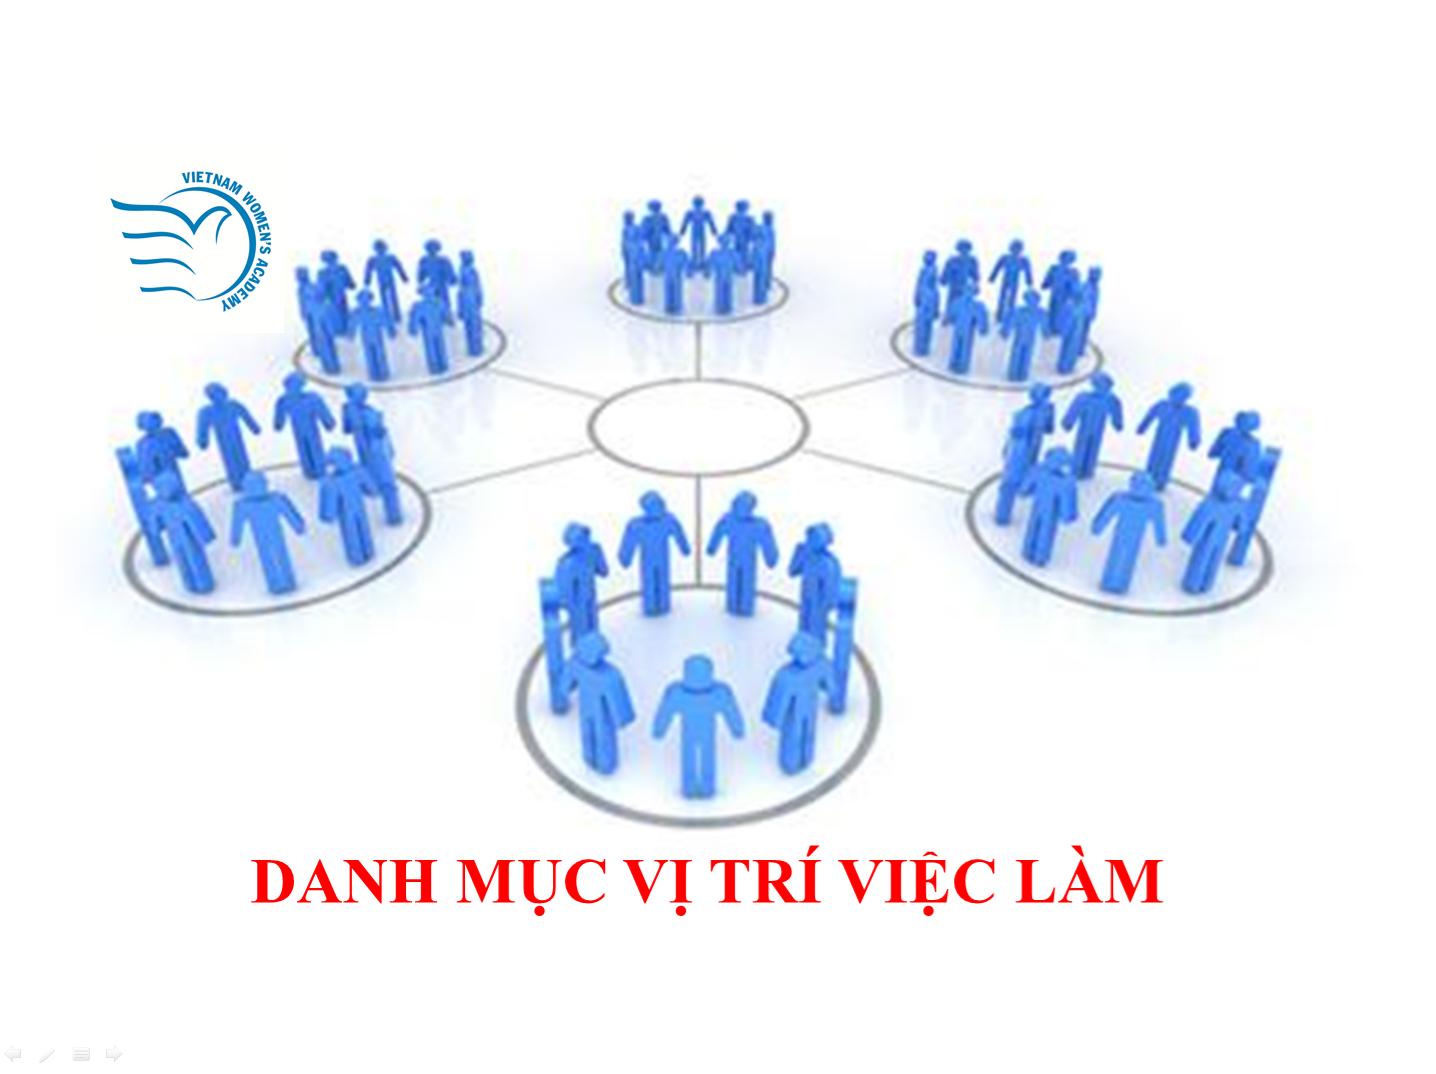 Quyết định phê duyệt danh mục Vị trí việc làm HVPNVN